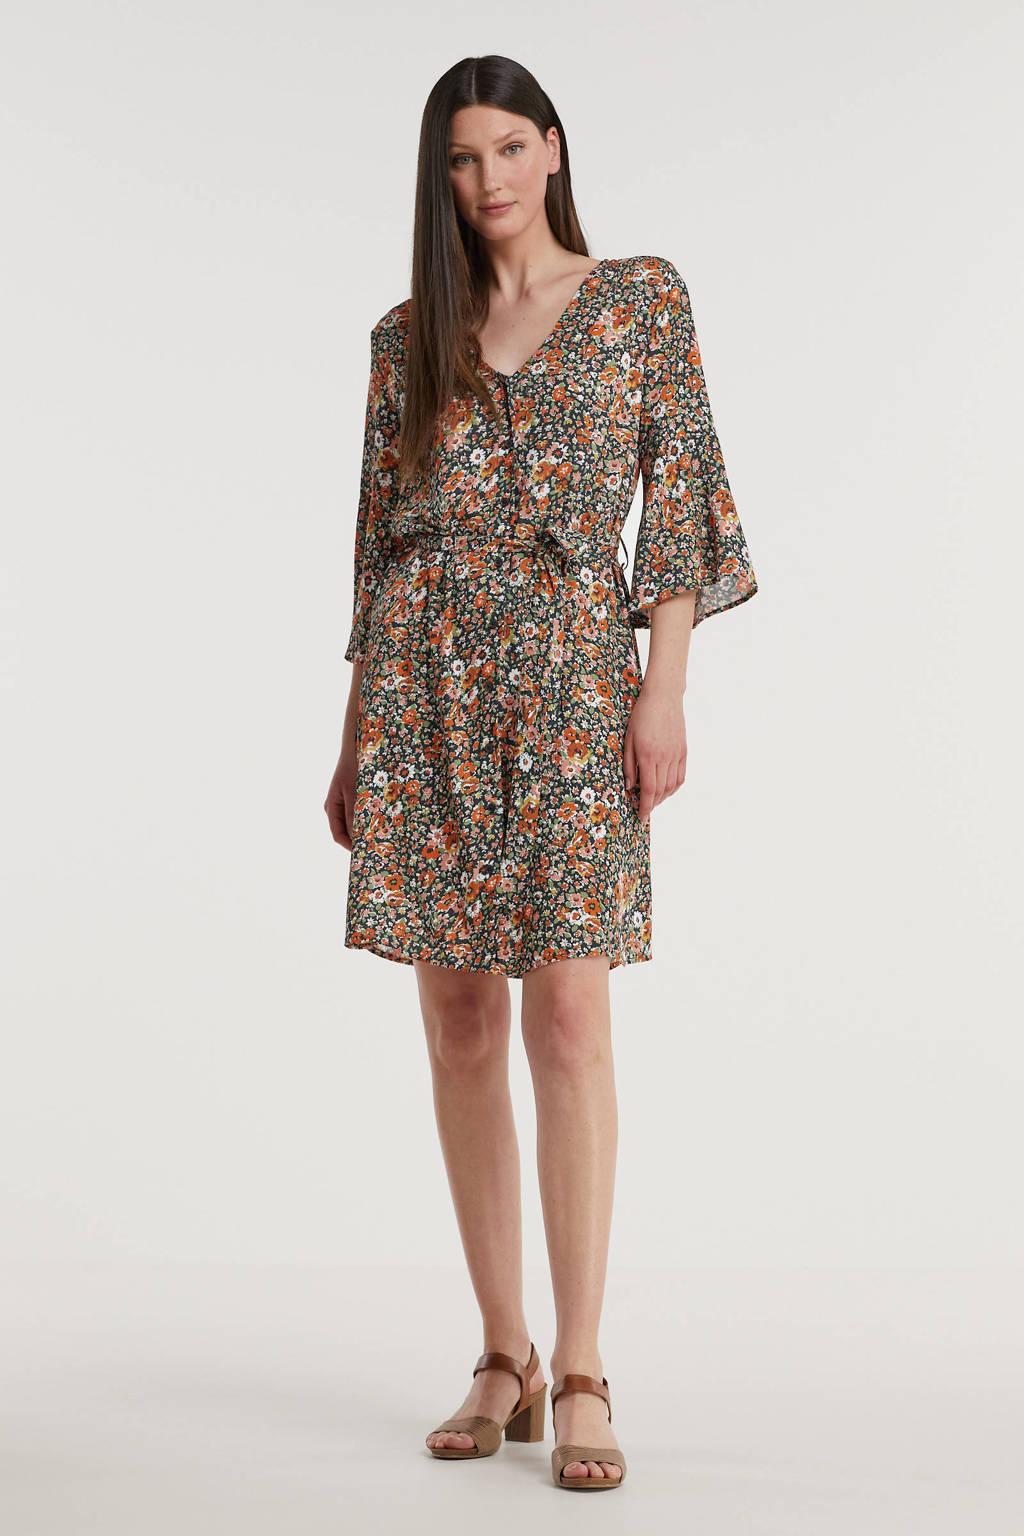 Imagine jurk met bloemenprint zwart/multi, Zwart/rood/oranje/multi